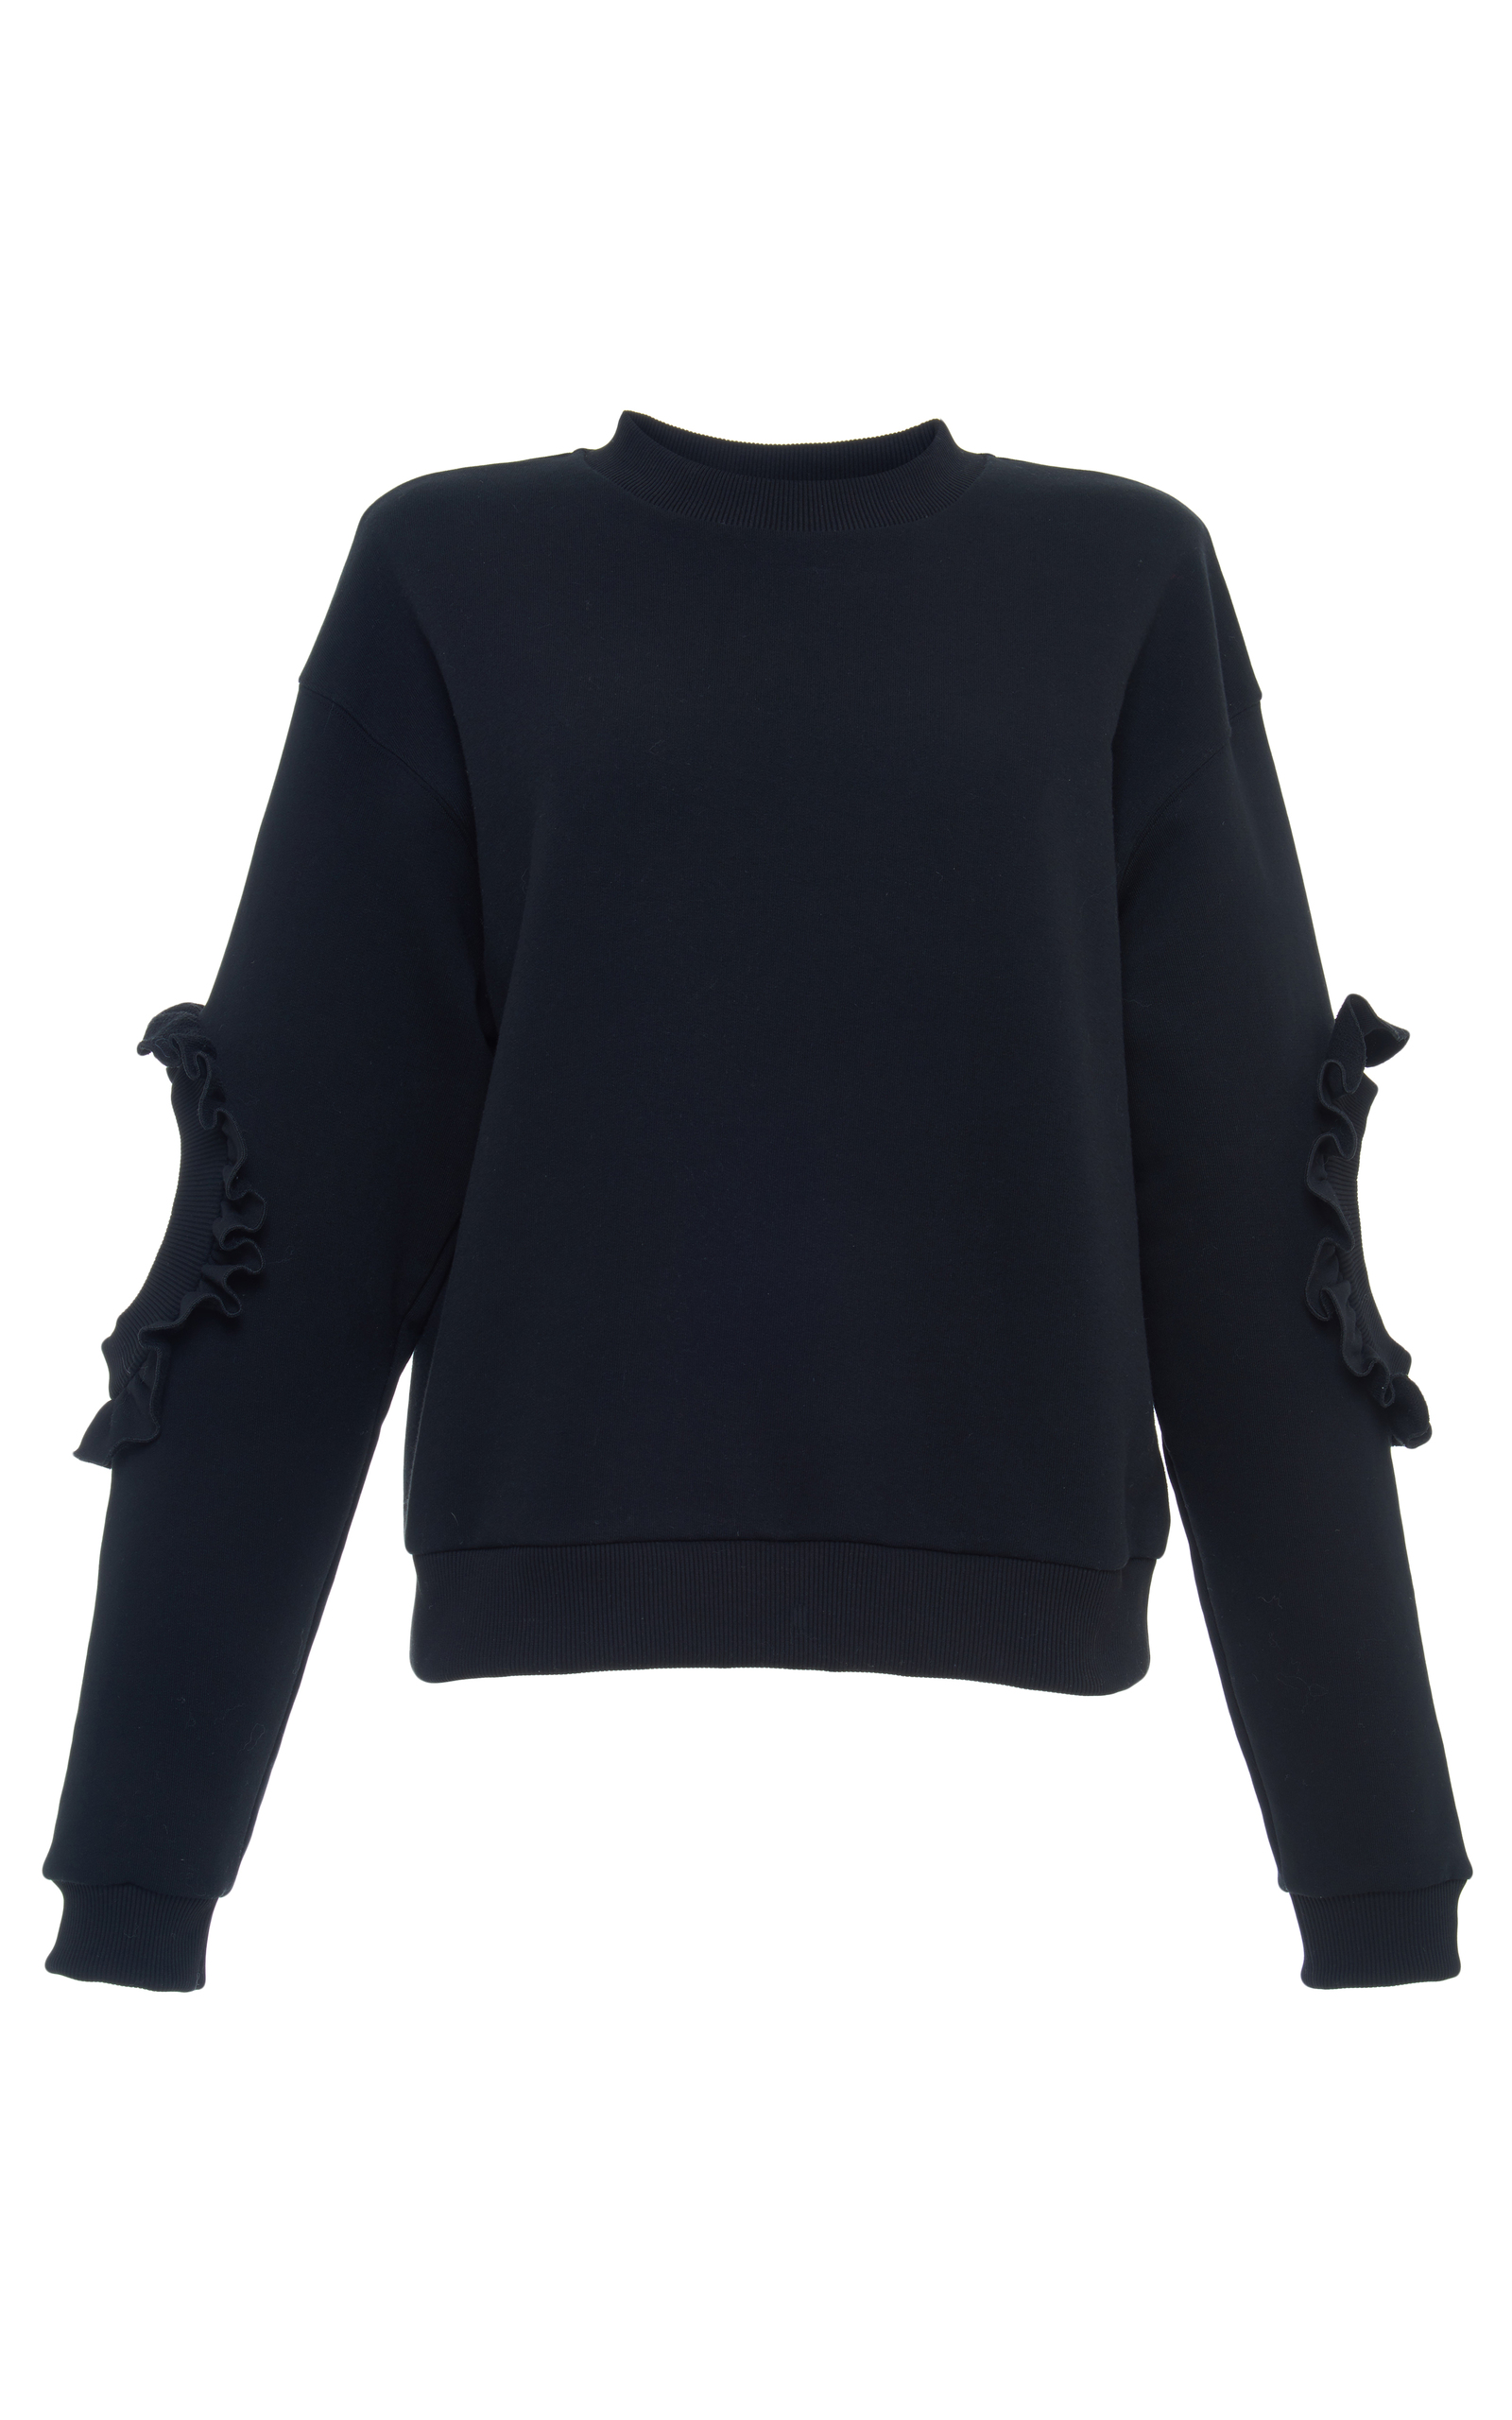 1743a20352283b Ruffled Cutout Sweatshirt by Francesco Scognamiglio | Moda Operandi